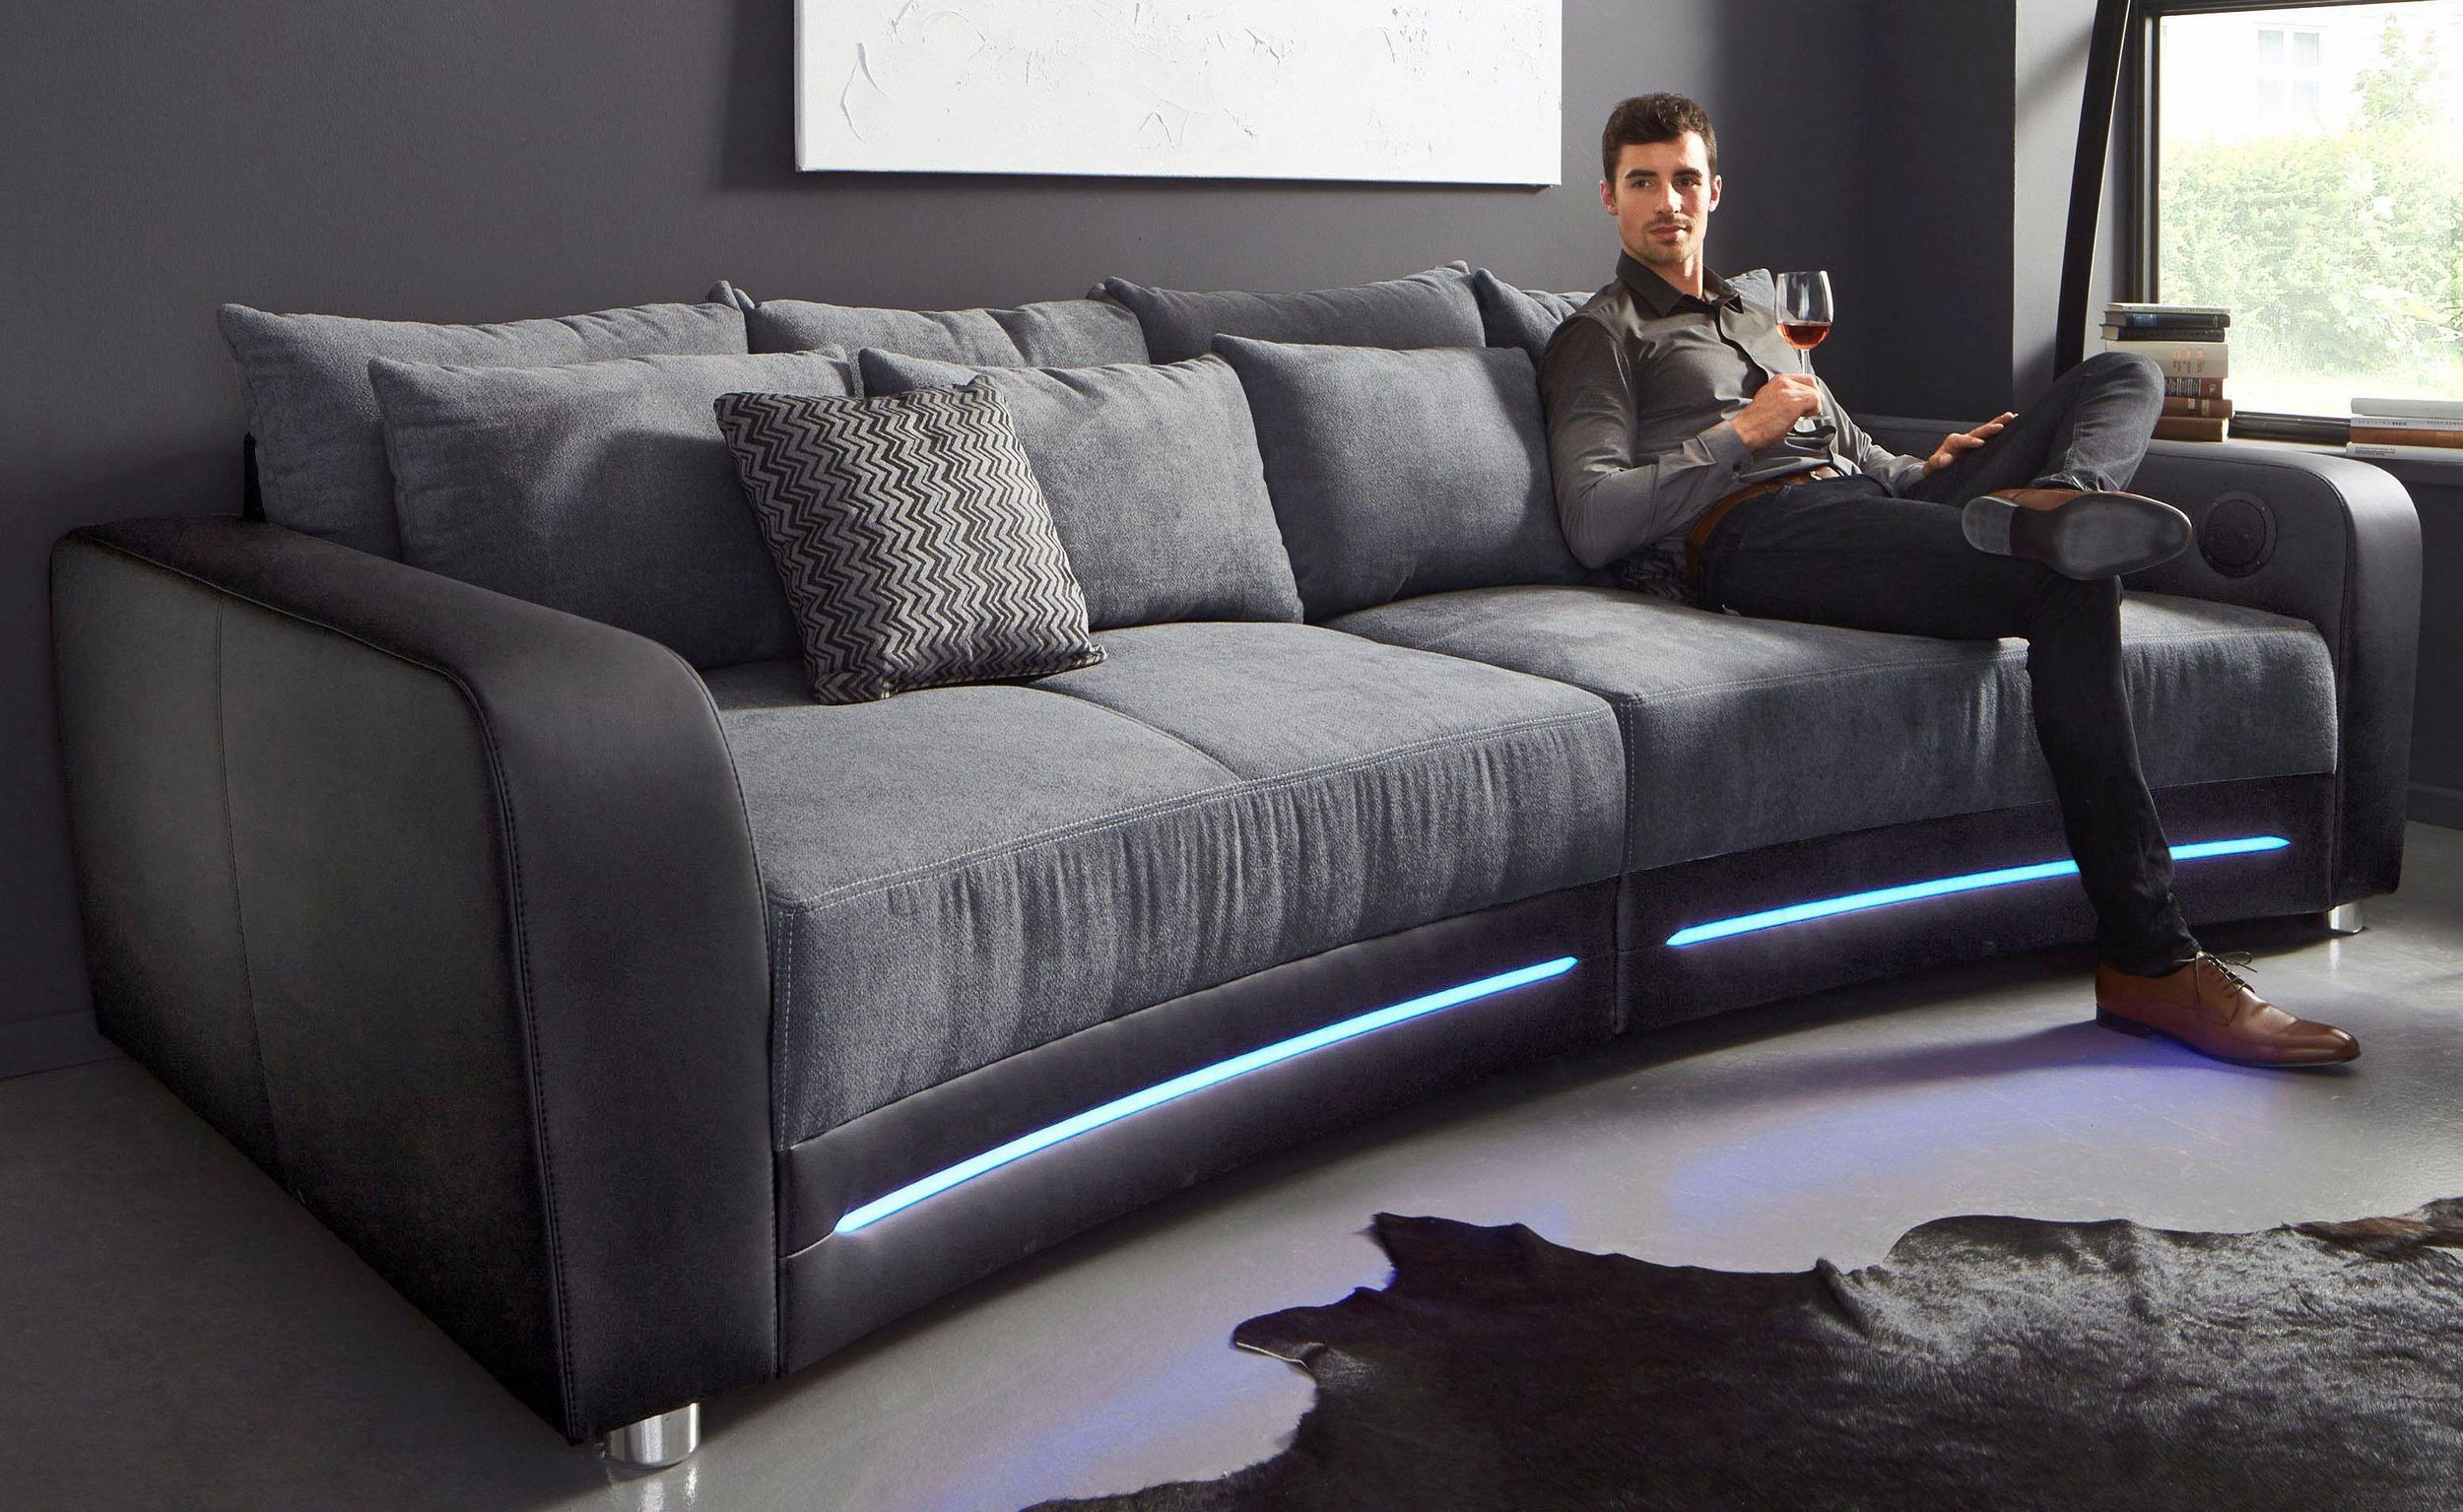 sofa mit led beleuchtung seite abbild und cdcadfa